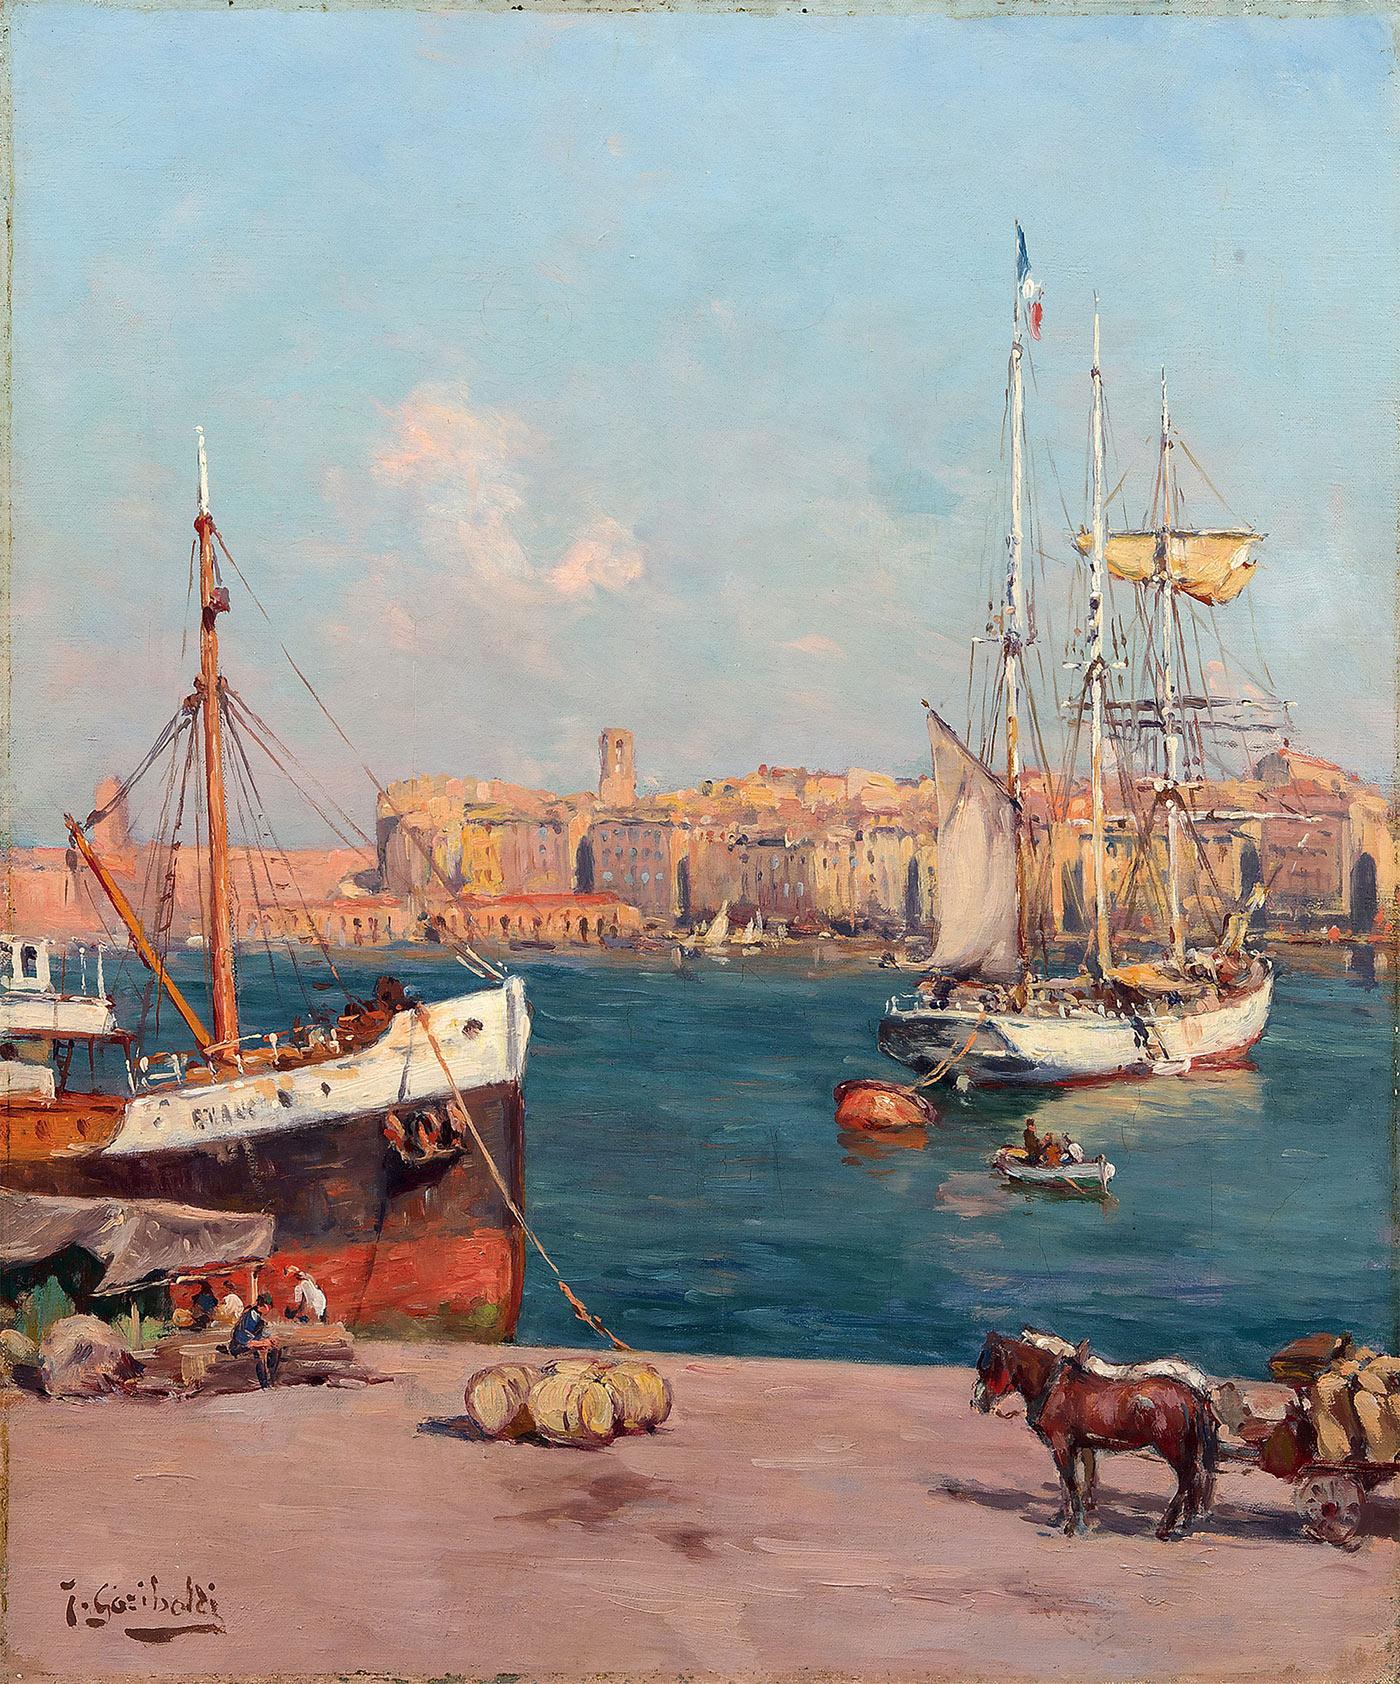 Peintres proven aux galerie david pluskwa - 5 rue vincent courdouan 13006 marseille ...